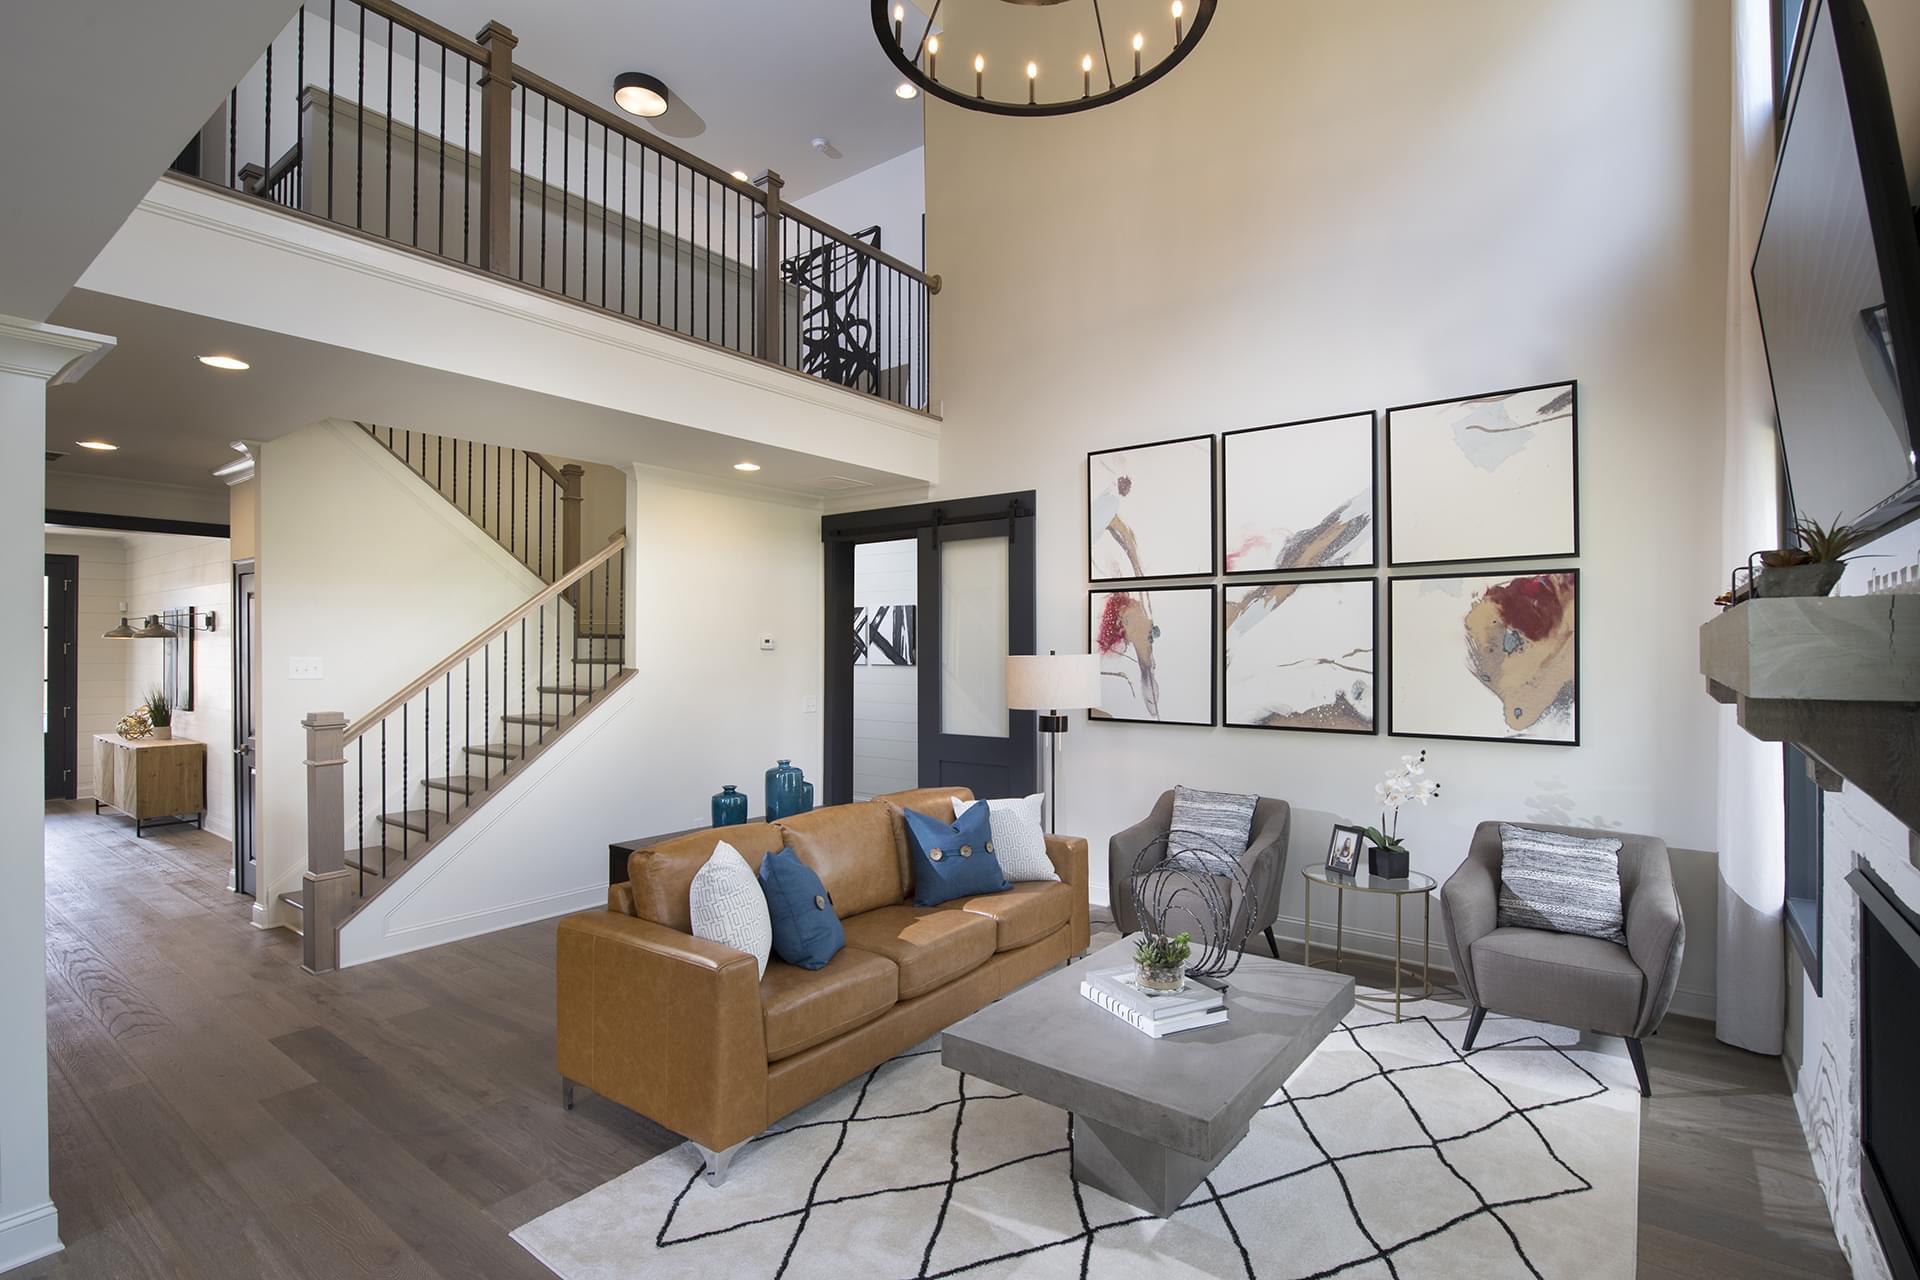 First VIP Weekend at Ellington in Suwanee Garners 15 Home Sales